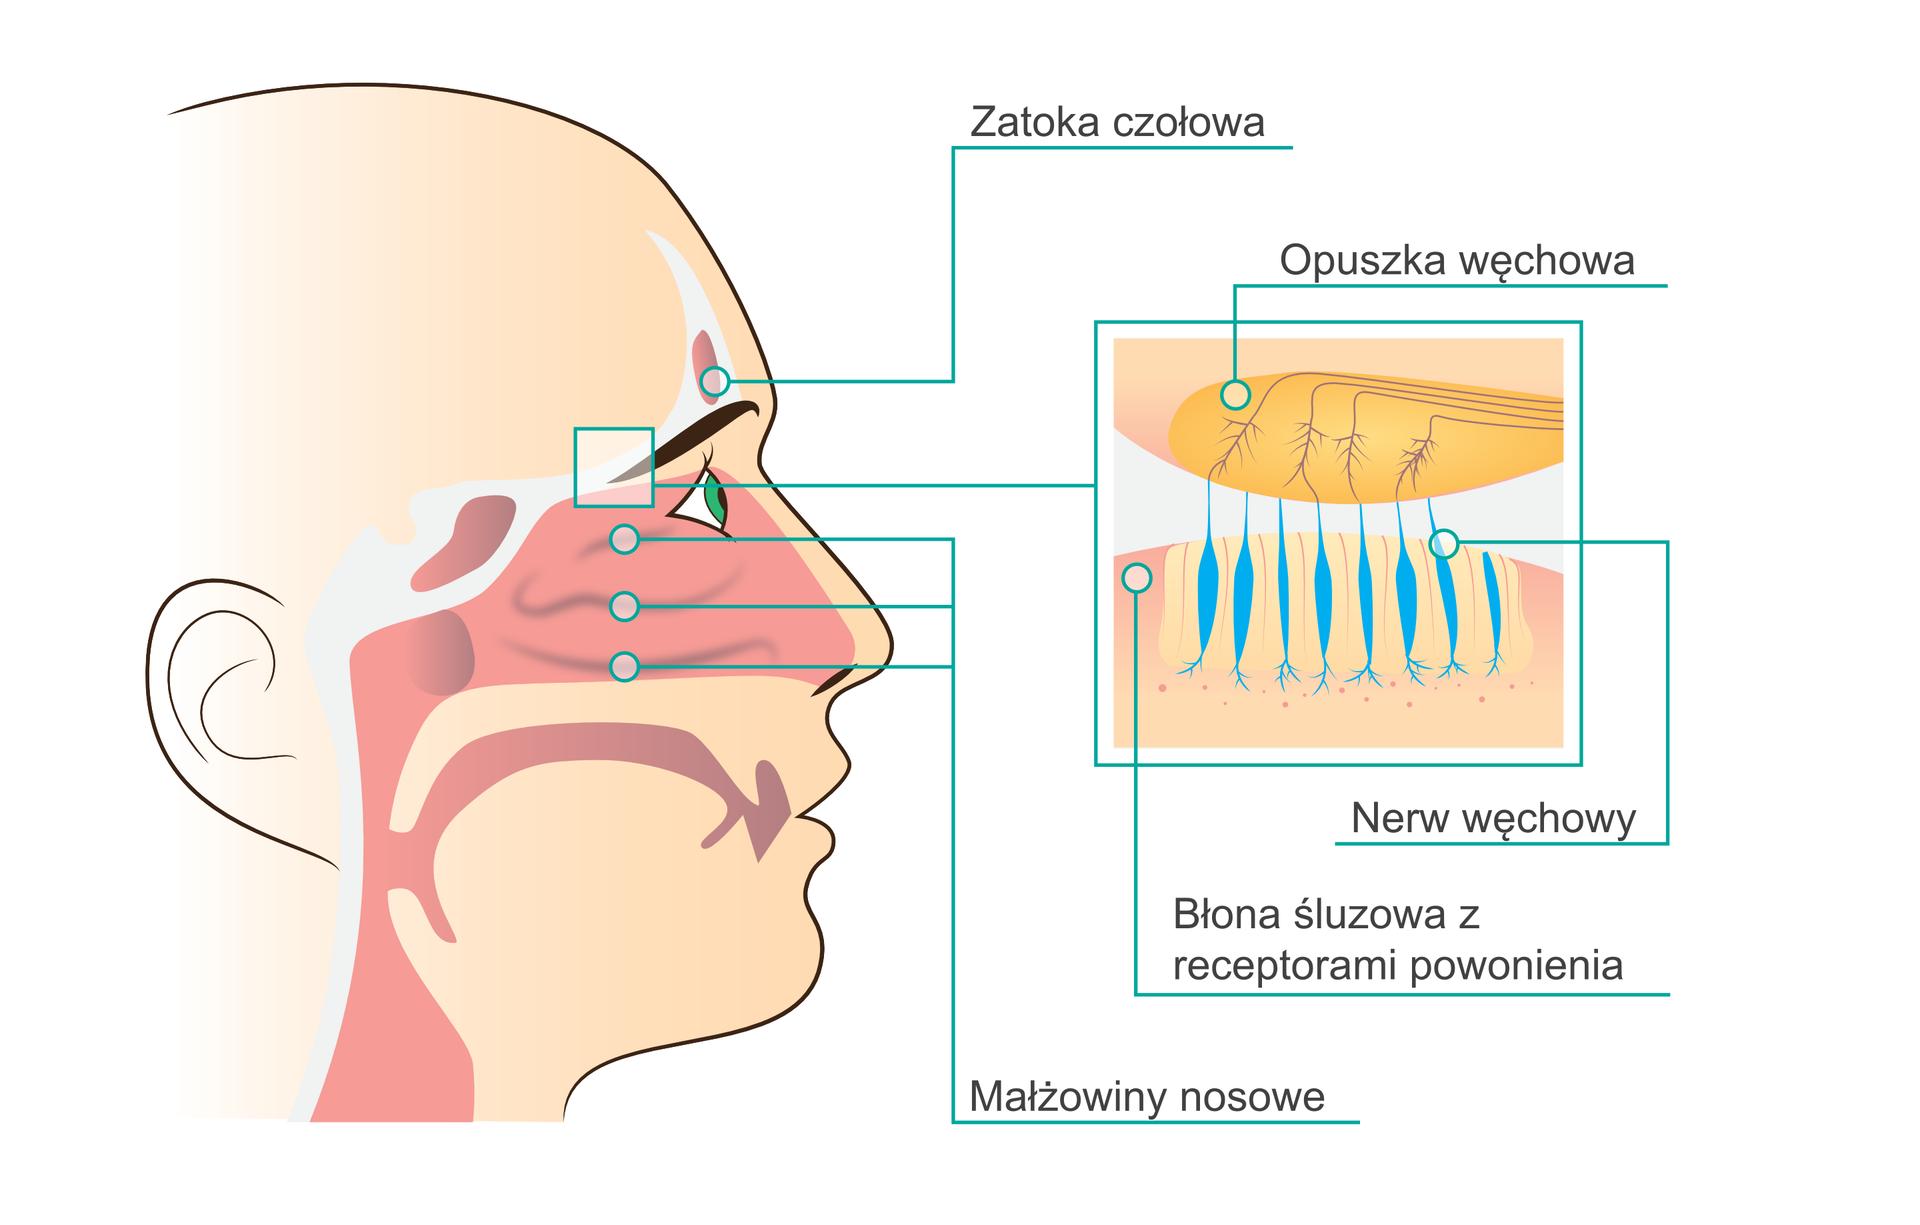 Ilustracja przedstawia opis ludzkiego narządu węchu. Po lewej stronie obrazka znajduje się twarz ludzka widoczna wprofilu zzaznaczonymi drogami oddechowymi oraz zatokami. Wyróżnionymi elementami jest zatoka czołowa, znajdująca się nad brwiami, trzy małżowiny nosowe wjamie nosowej oraz nabłonek węchowy wgórnej części tej samej jamy. Po prawej stronie ilustracji znajduje się zbliżenie idokładny opis budowy nabłonka nosowego zuwzględnieniem trzech elementów: opuszki węchowej ugóry oraz błony śluzowej zreceptorami powonienia inerwu węchowego udołu.